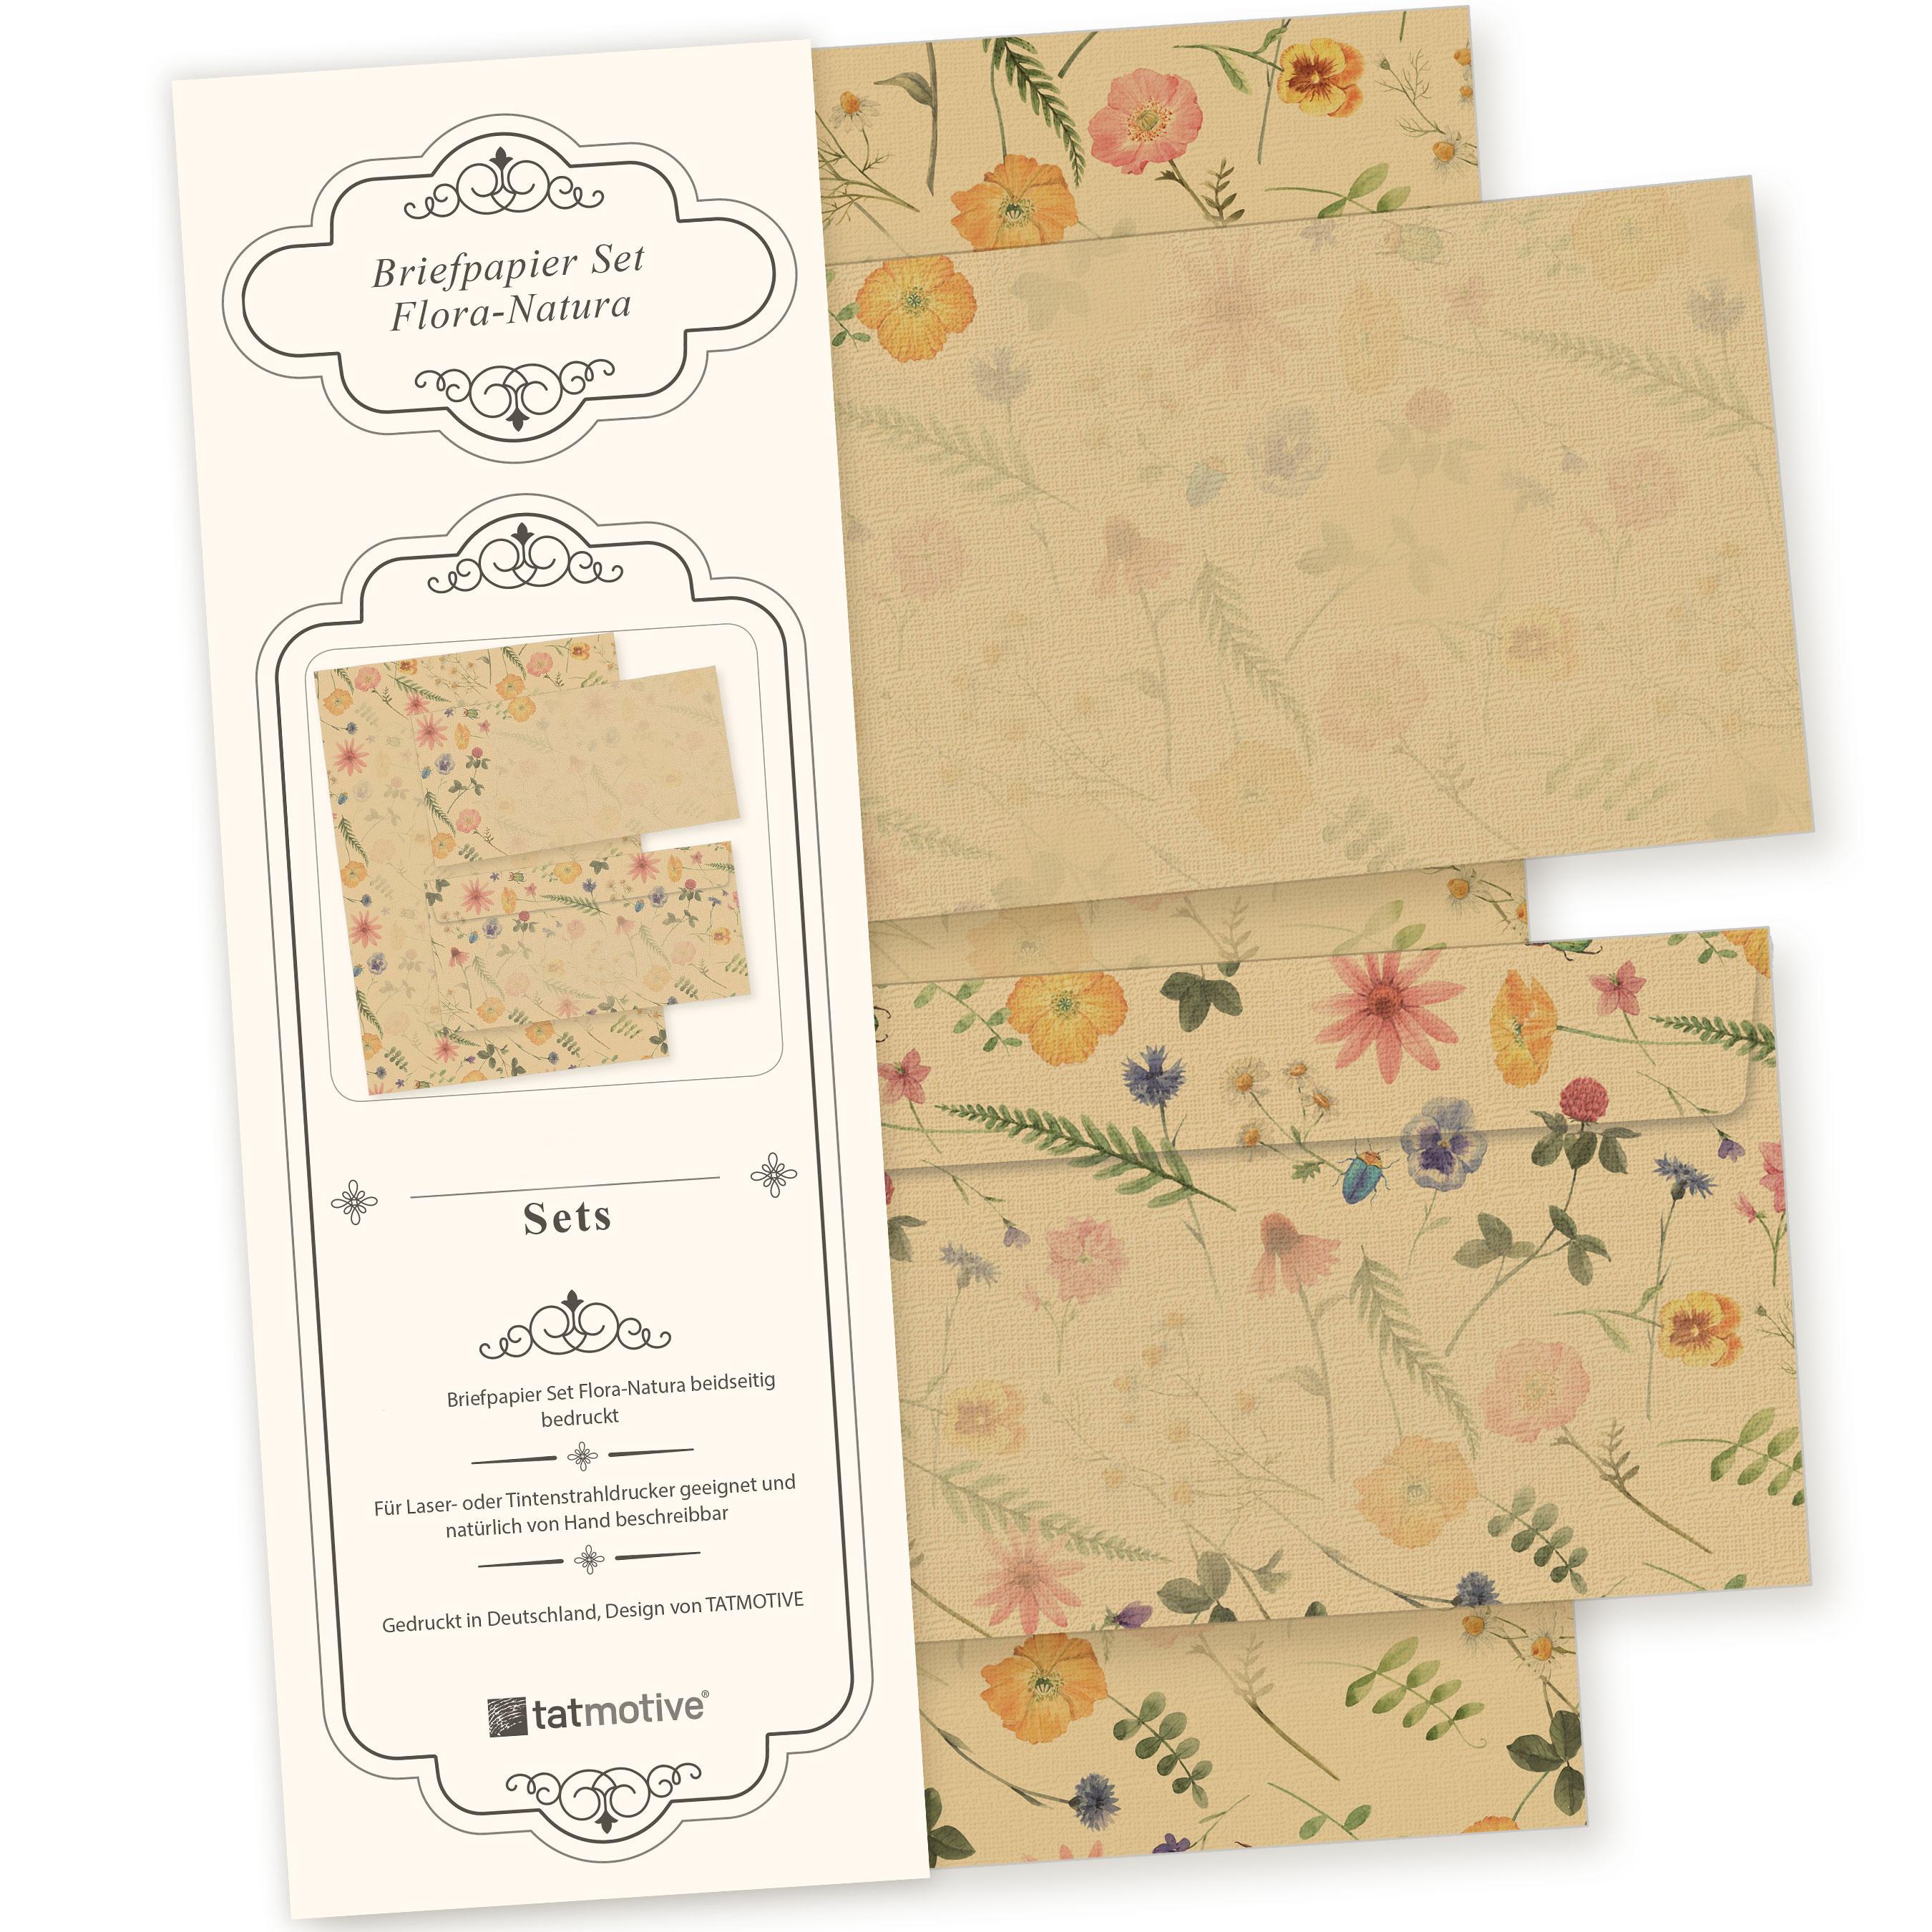 Gwotfy Briefpapier Set Vintage Schreiben Briefpapier und Umschl/äge Set 12 passende Briefumschl/äge Antik History 24 tlg VINTAGE 12 Blatt Briefpapier